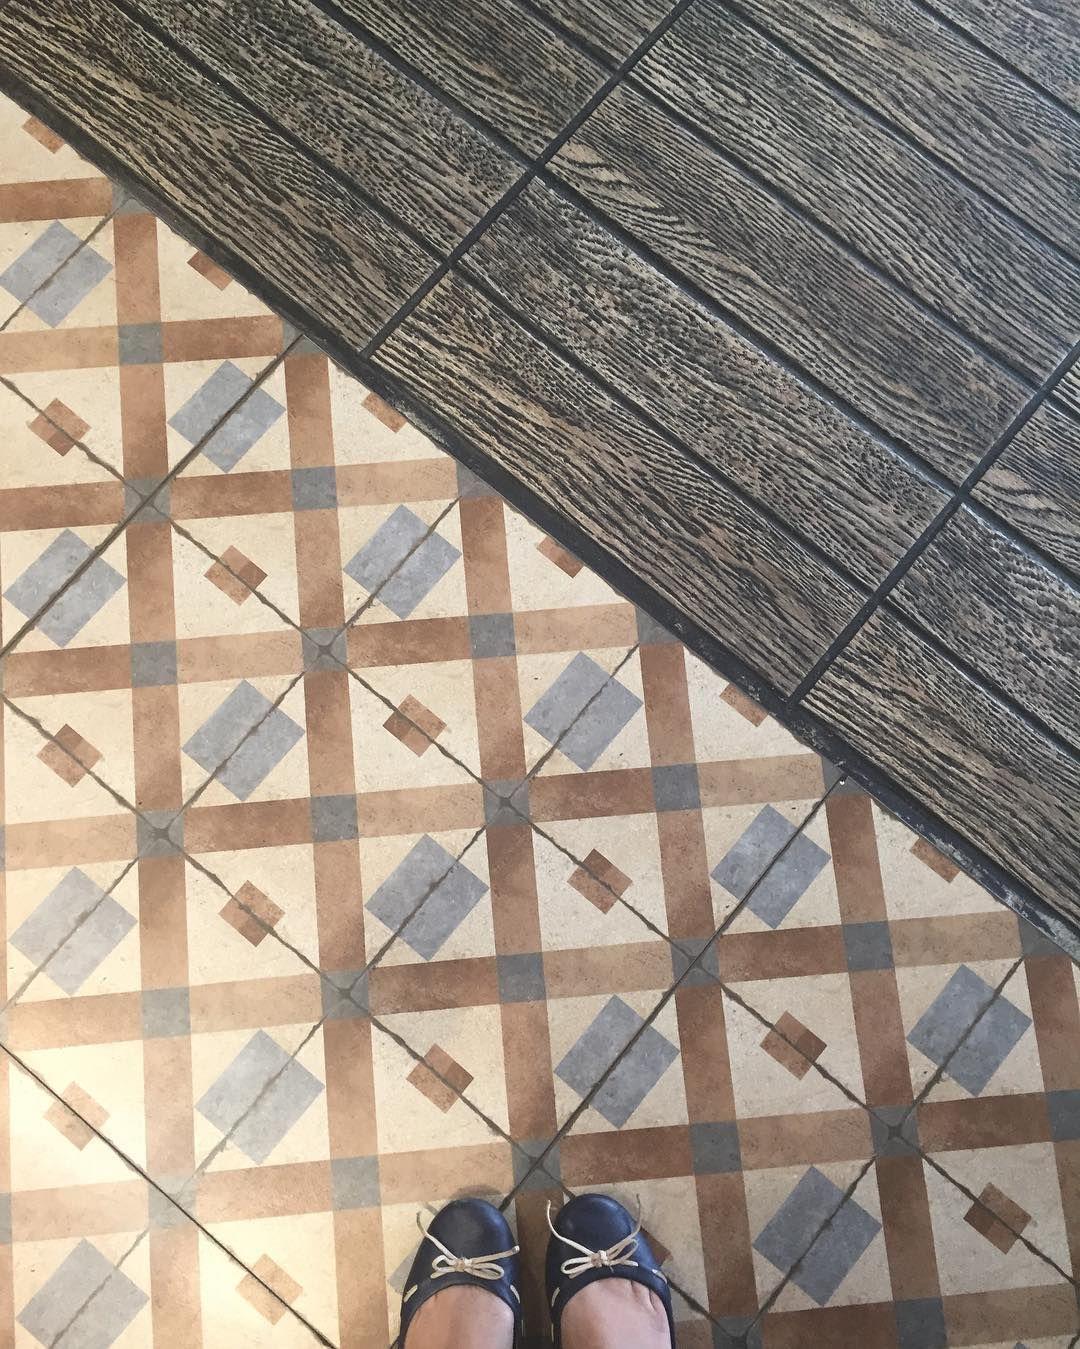 Alguém aí com mania de fotografar o piso? Heheheheh {} Não resisto quando vejo esses ladrilhos  Reconhecem @patmedeiros @rodrigopl20 ?